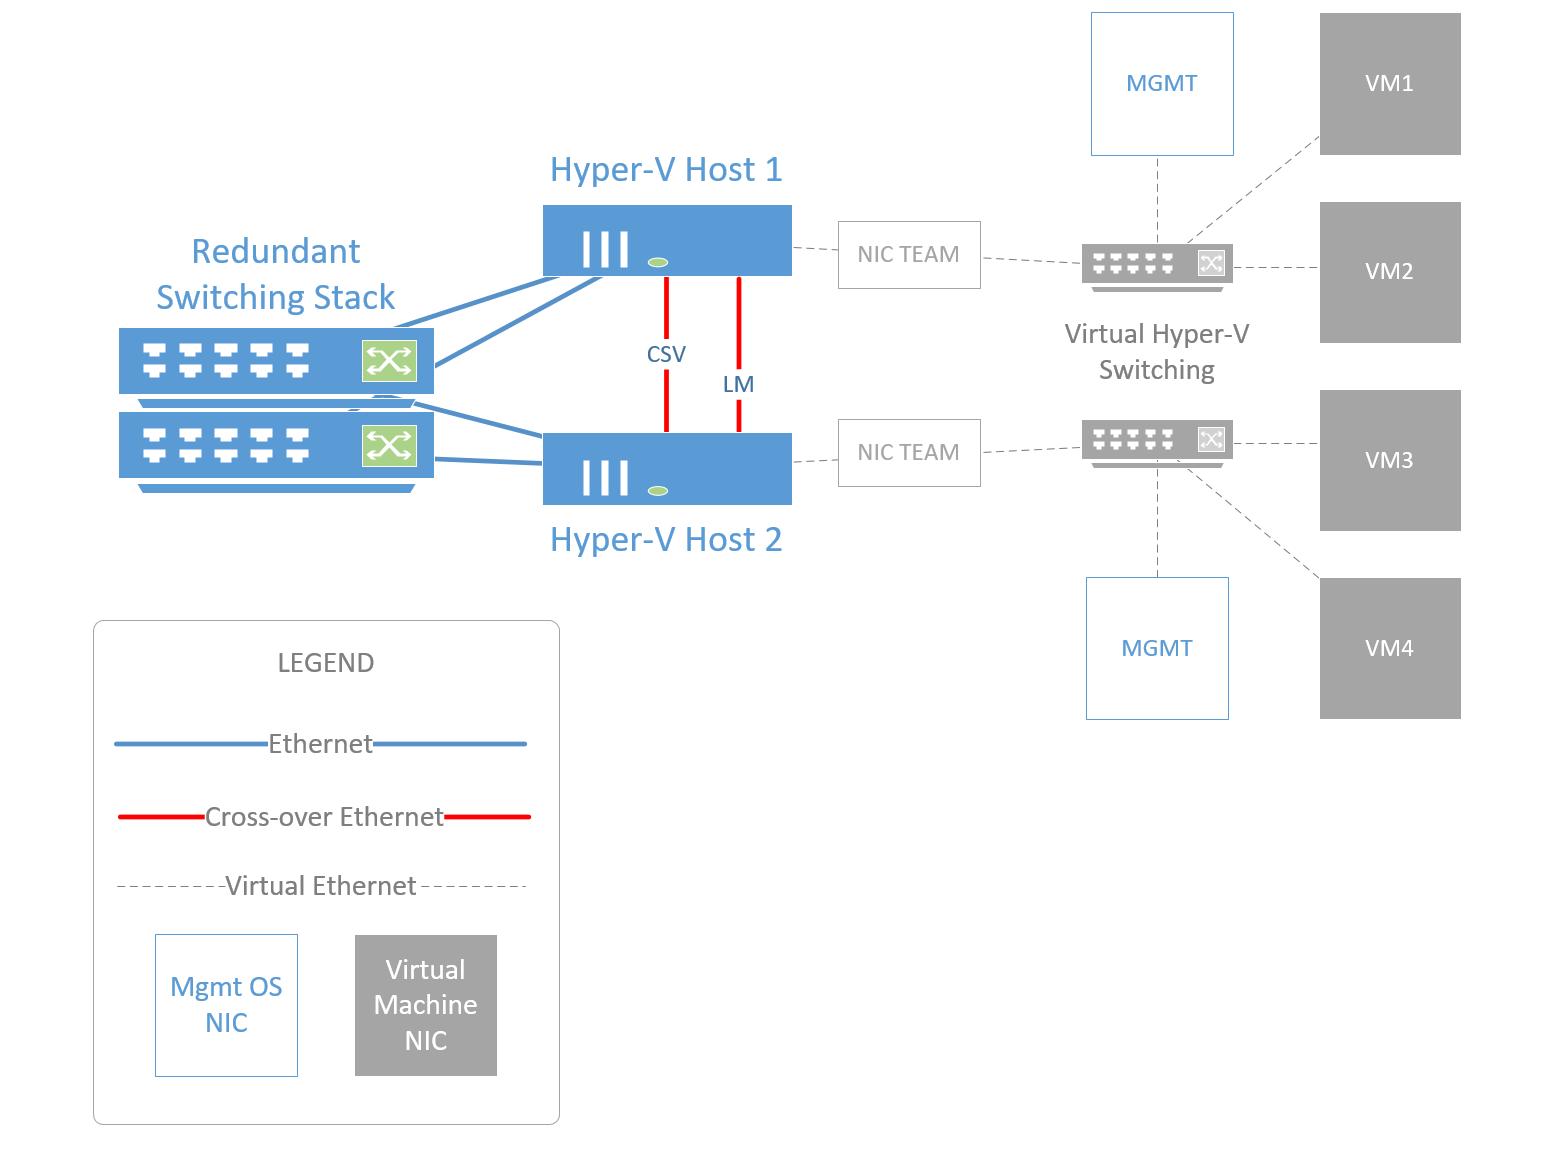 hyper v failover cluster basic setup itpromentor rh itpromentor com Server 2012 Hyper-V Cluster Server 2012 Hyper-V Cluster